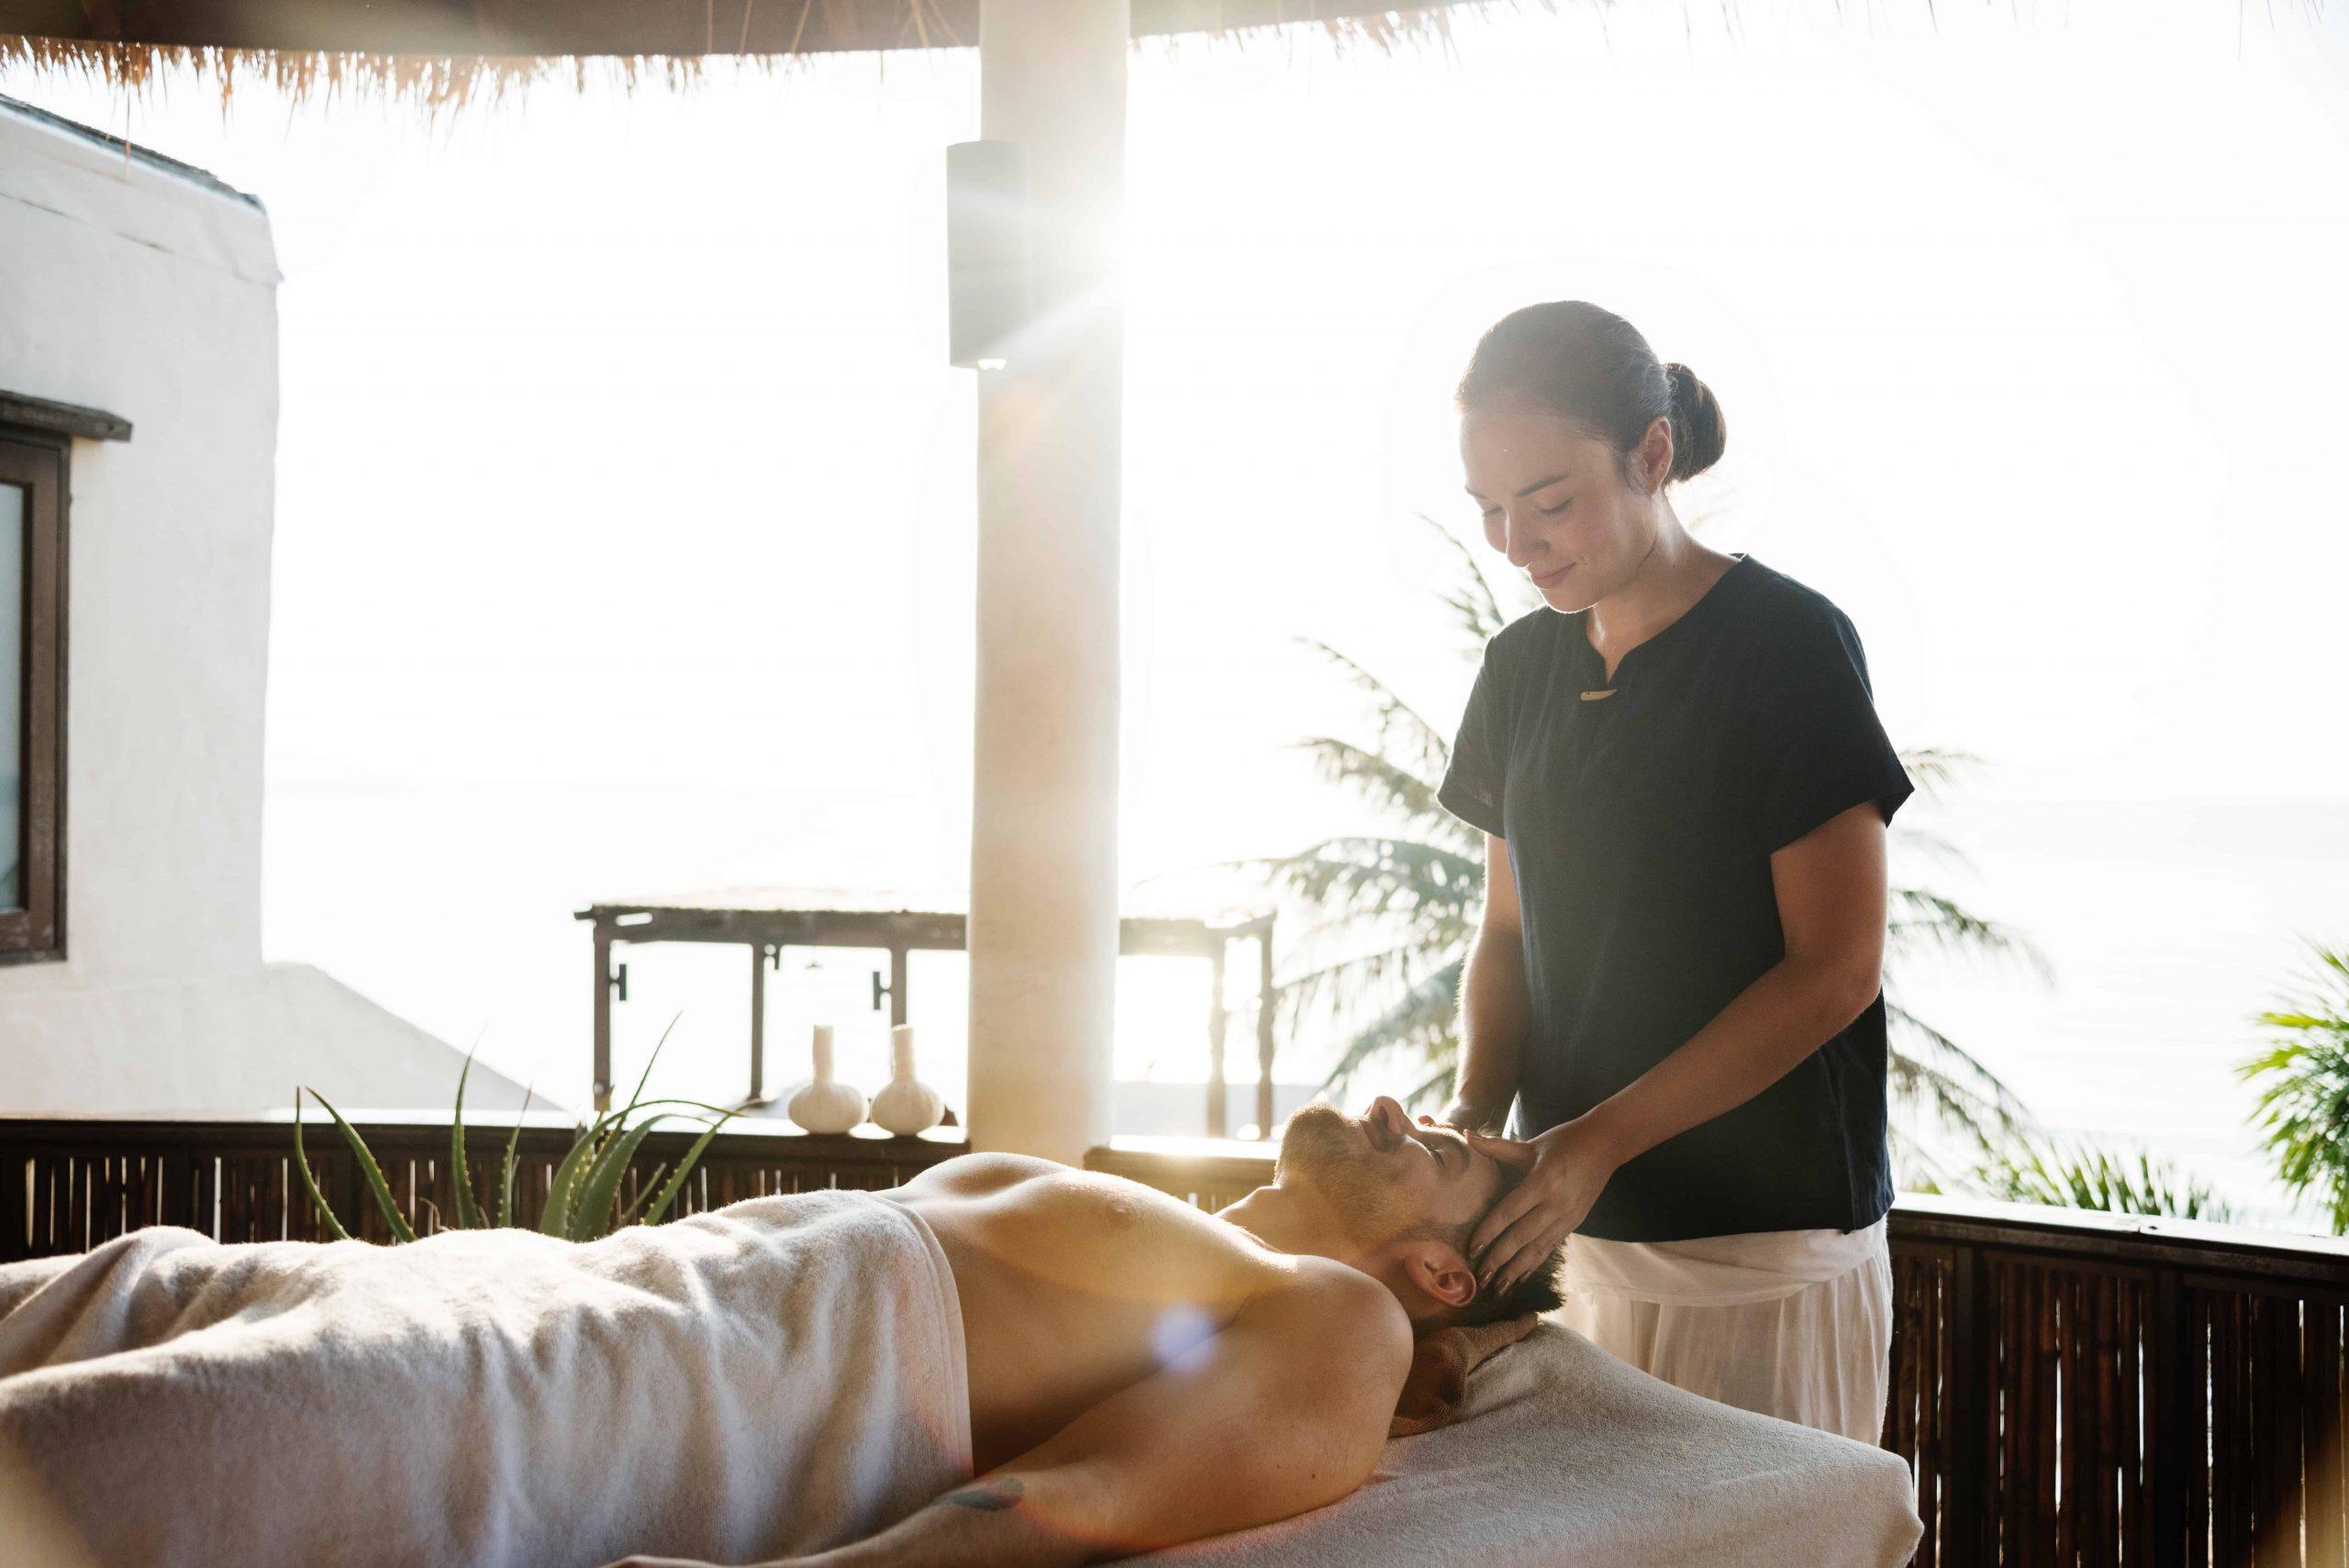 Massageauflage: Test & Empfehlungen (04/20)